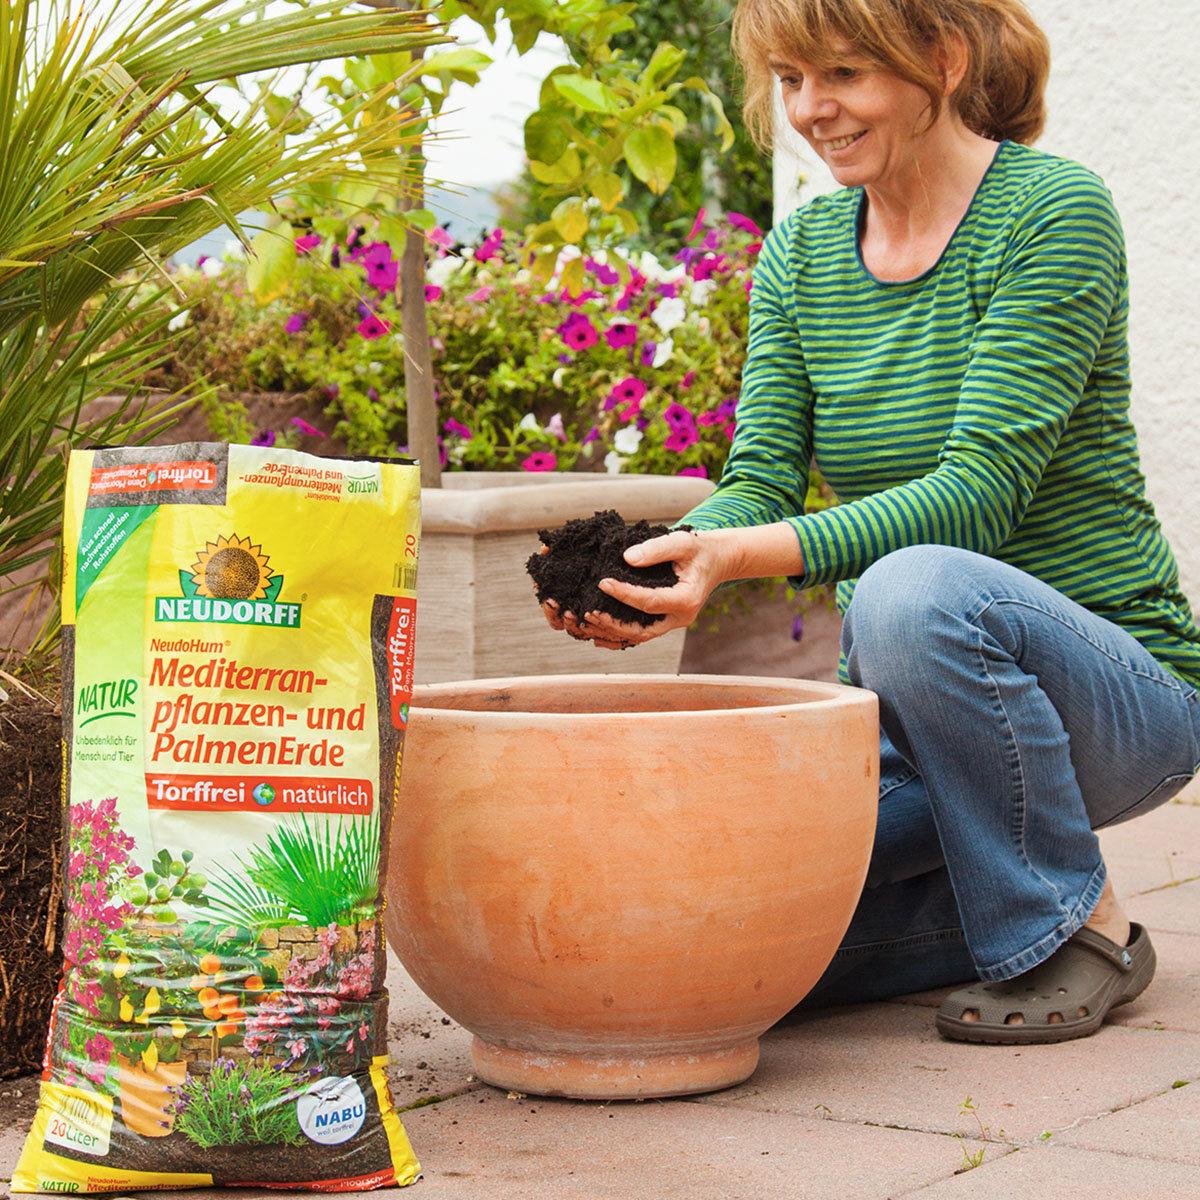 NeudoHum® Mediterranpflanzen- und Palmenerde, 10 Liter   #2